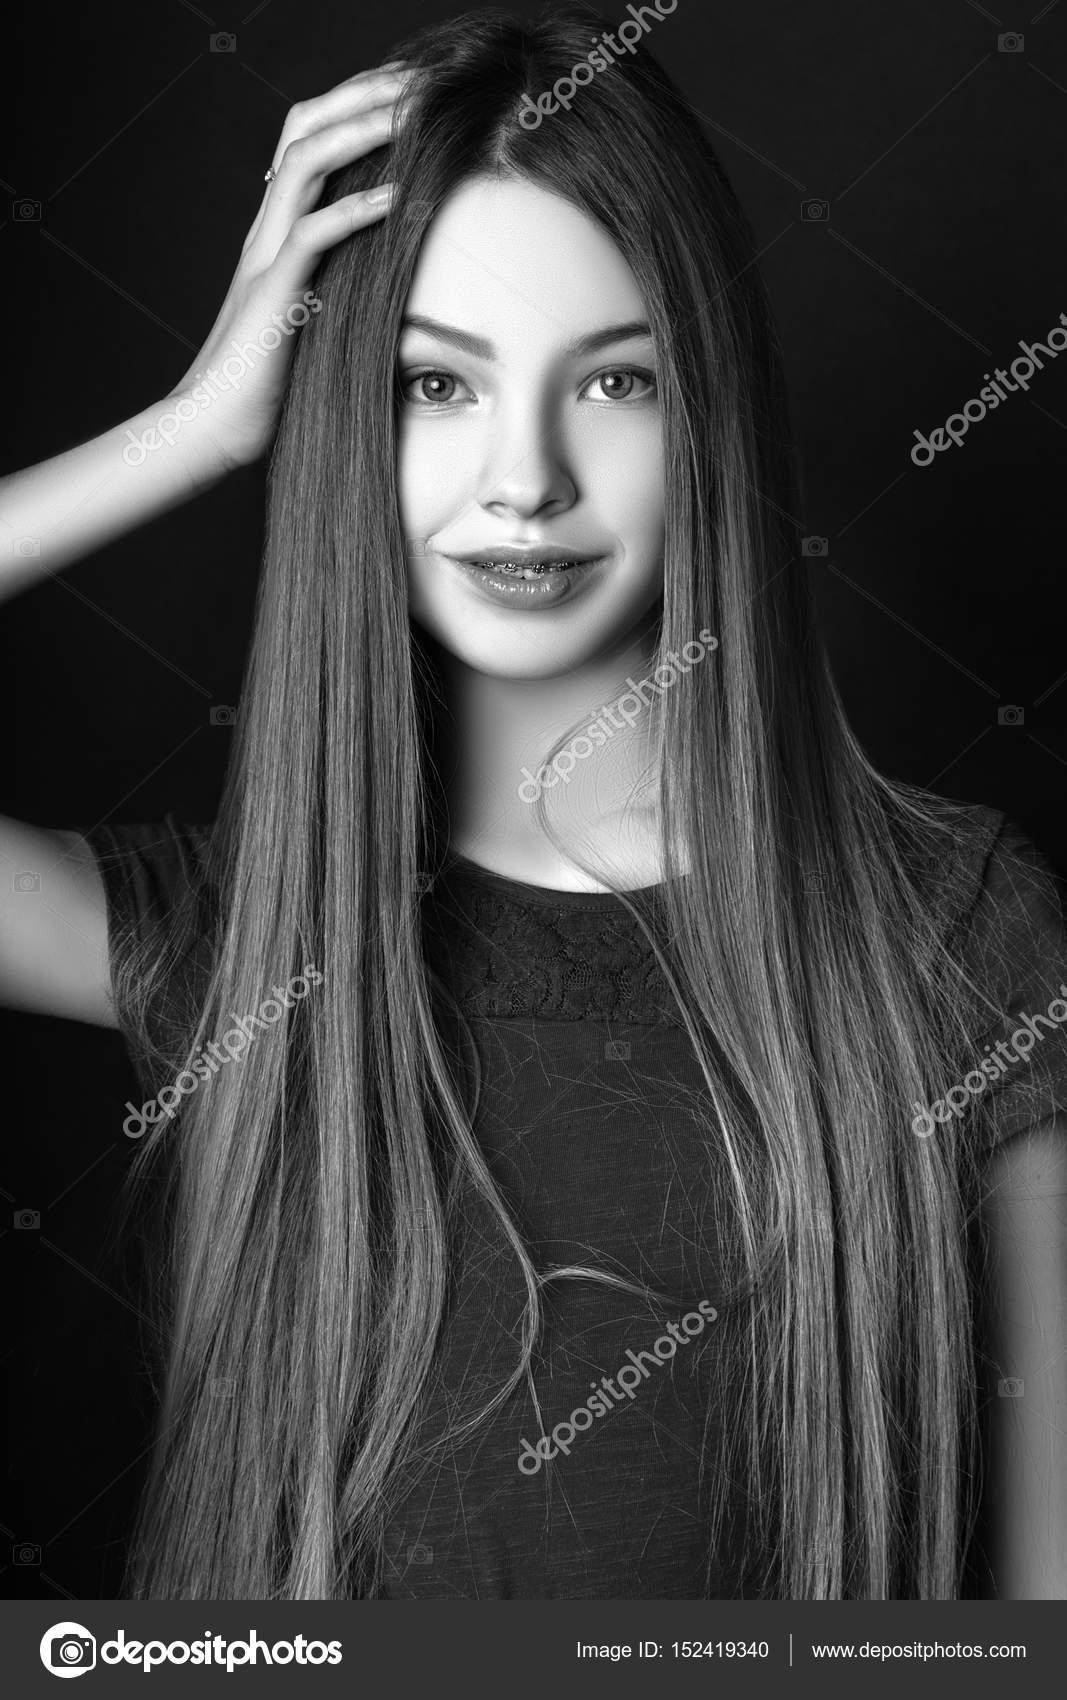 fotky nadržených dospívajících